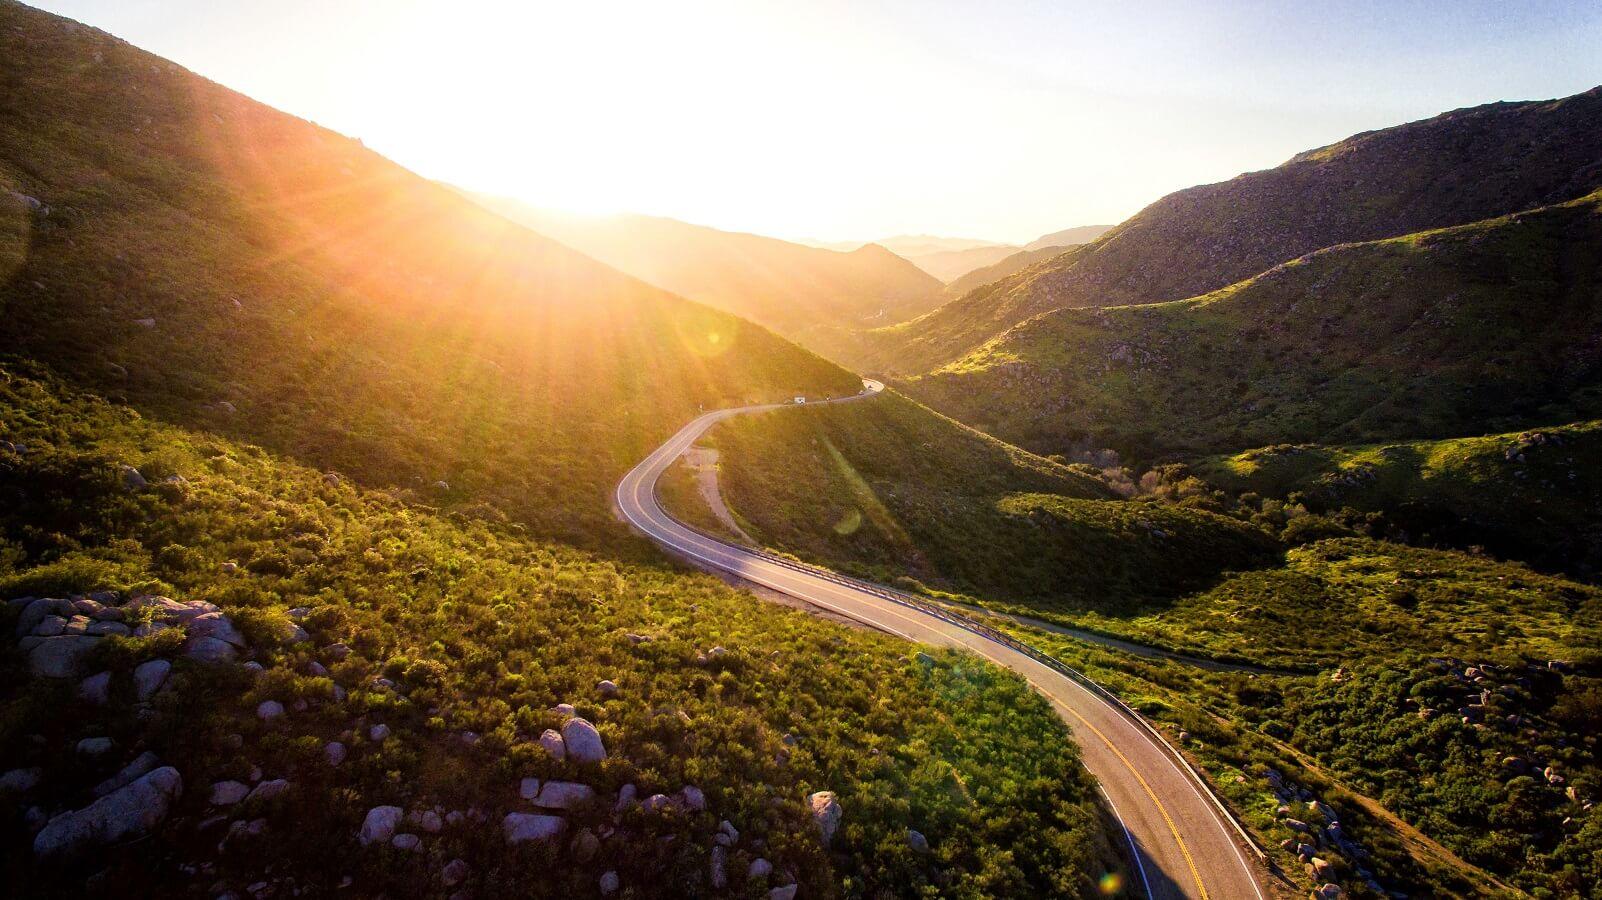 życie to droga i podróż